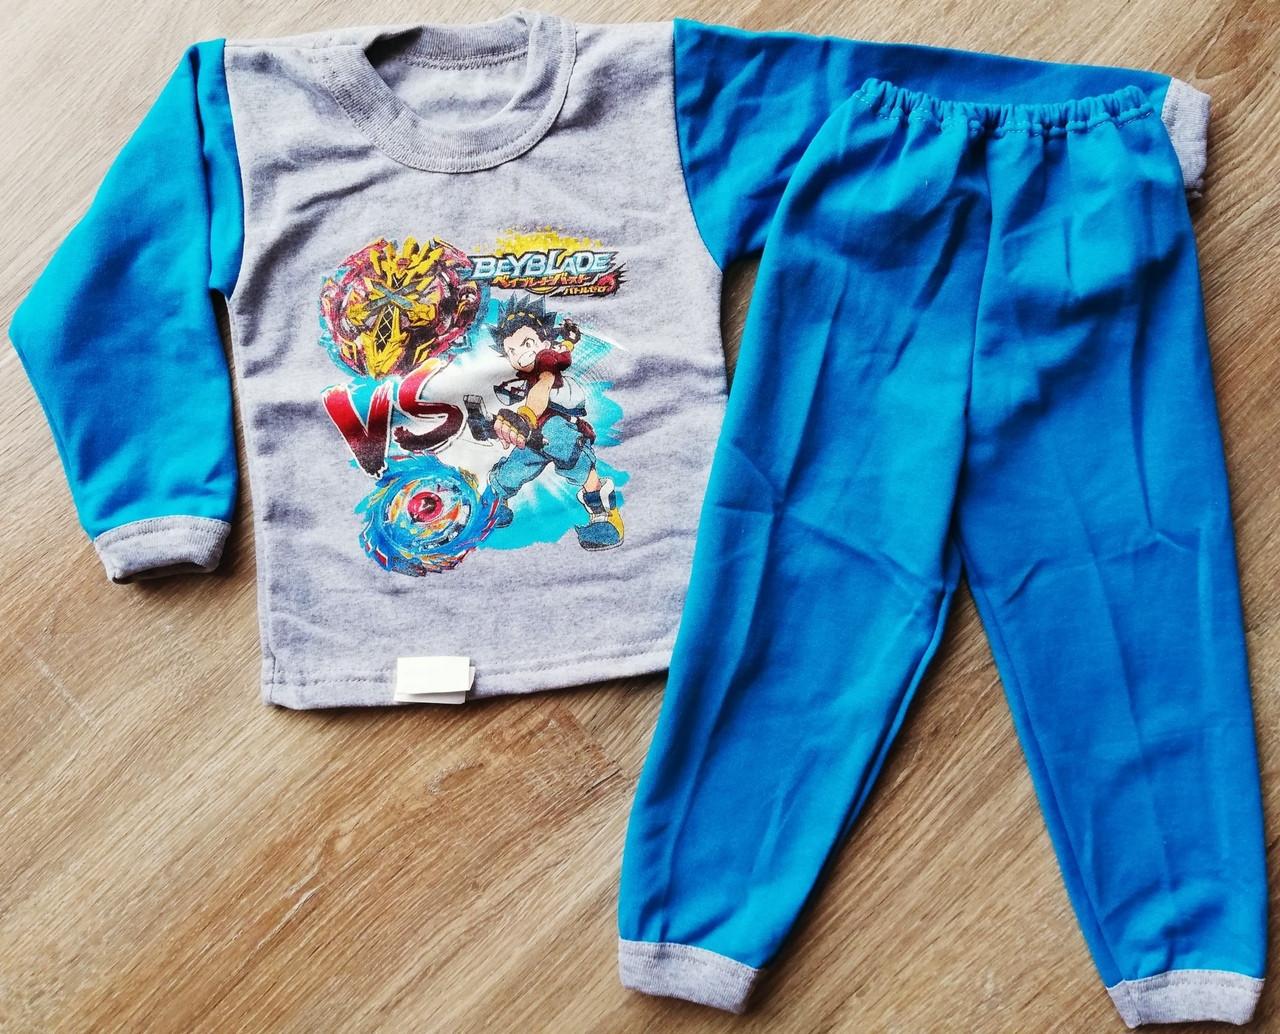 Детская тёплая пижама на байке Beyblade на мальчика размер 28